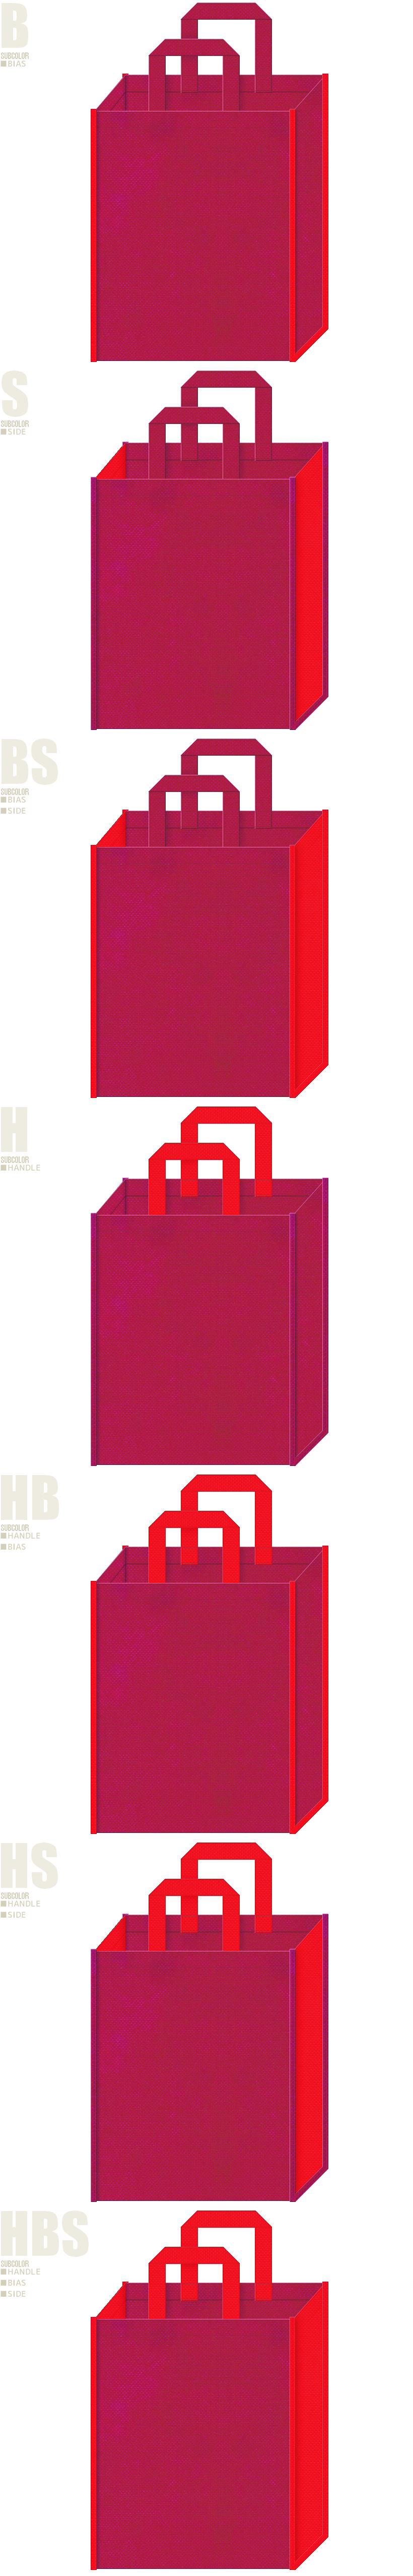 濃いピンク色と赤色、7パターンの不織布トートバッグ配色デザイン例。和装イベントにお奨めです。振袖風。